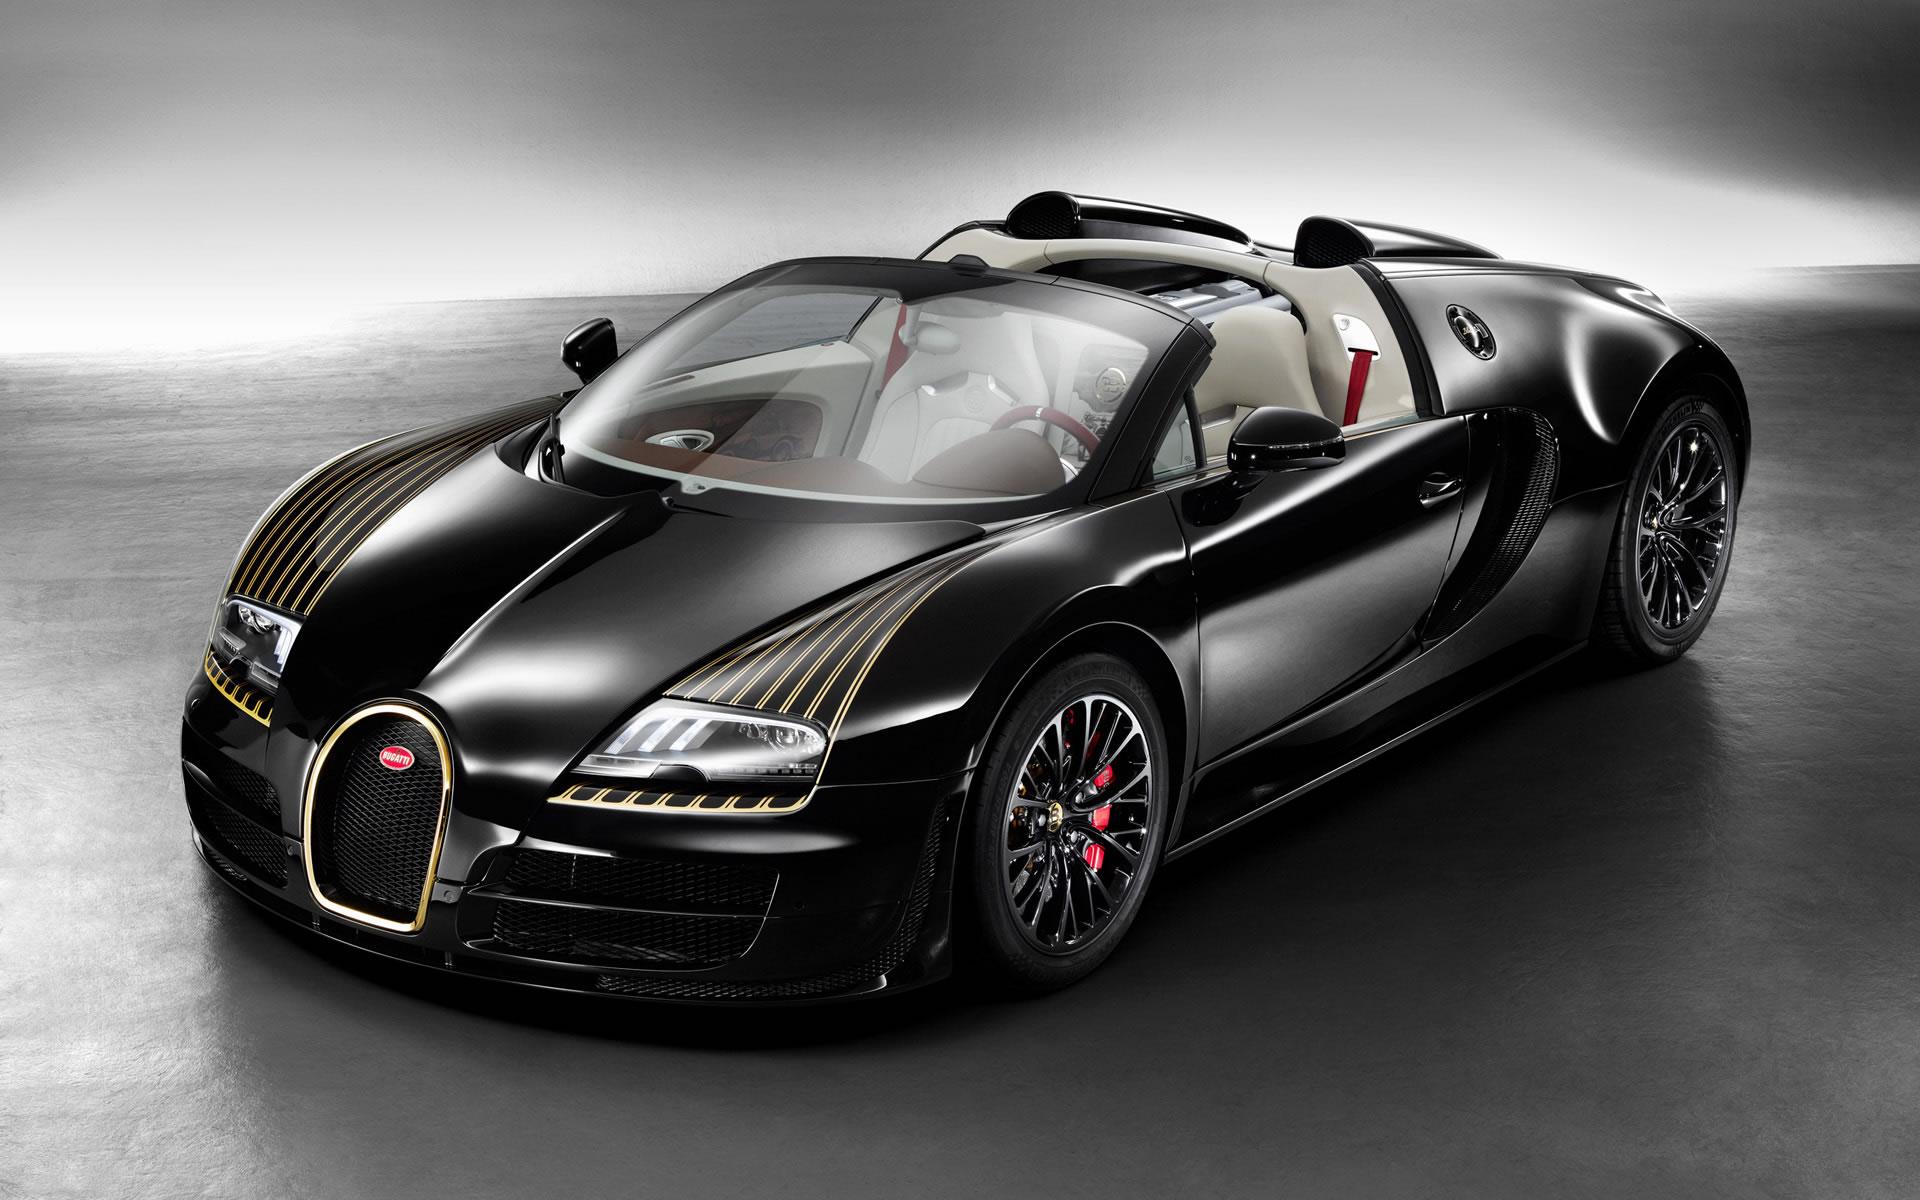 Bugatti-Veyron-Grand-Sport-Vitesse-Legend-Black-Bess Astounding Bugatti Veyron Grand Sport Vitesse Geschwindigkeit Cars Trend